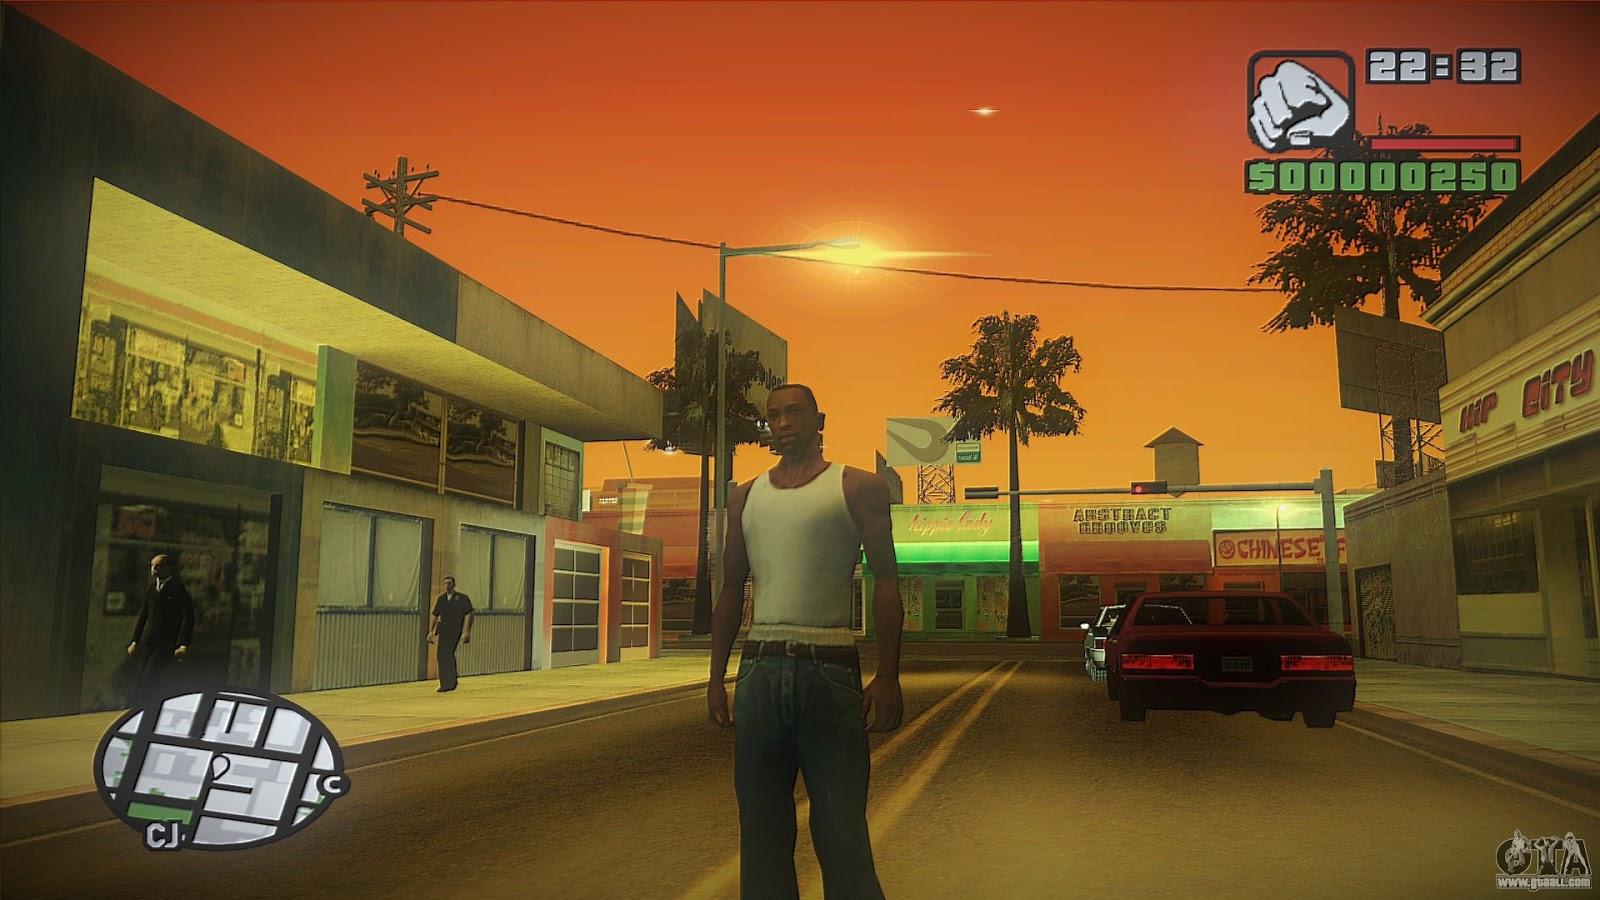 GTA San Andreas PC Download (Torrent Direct Link) Full Game